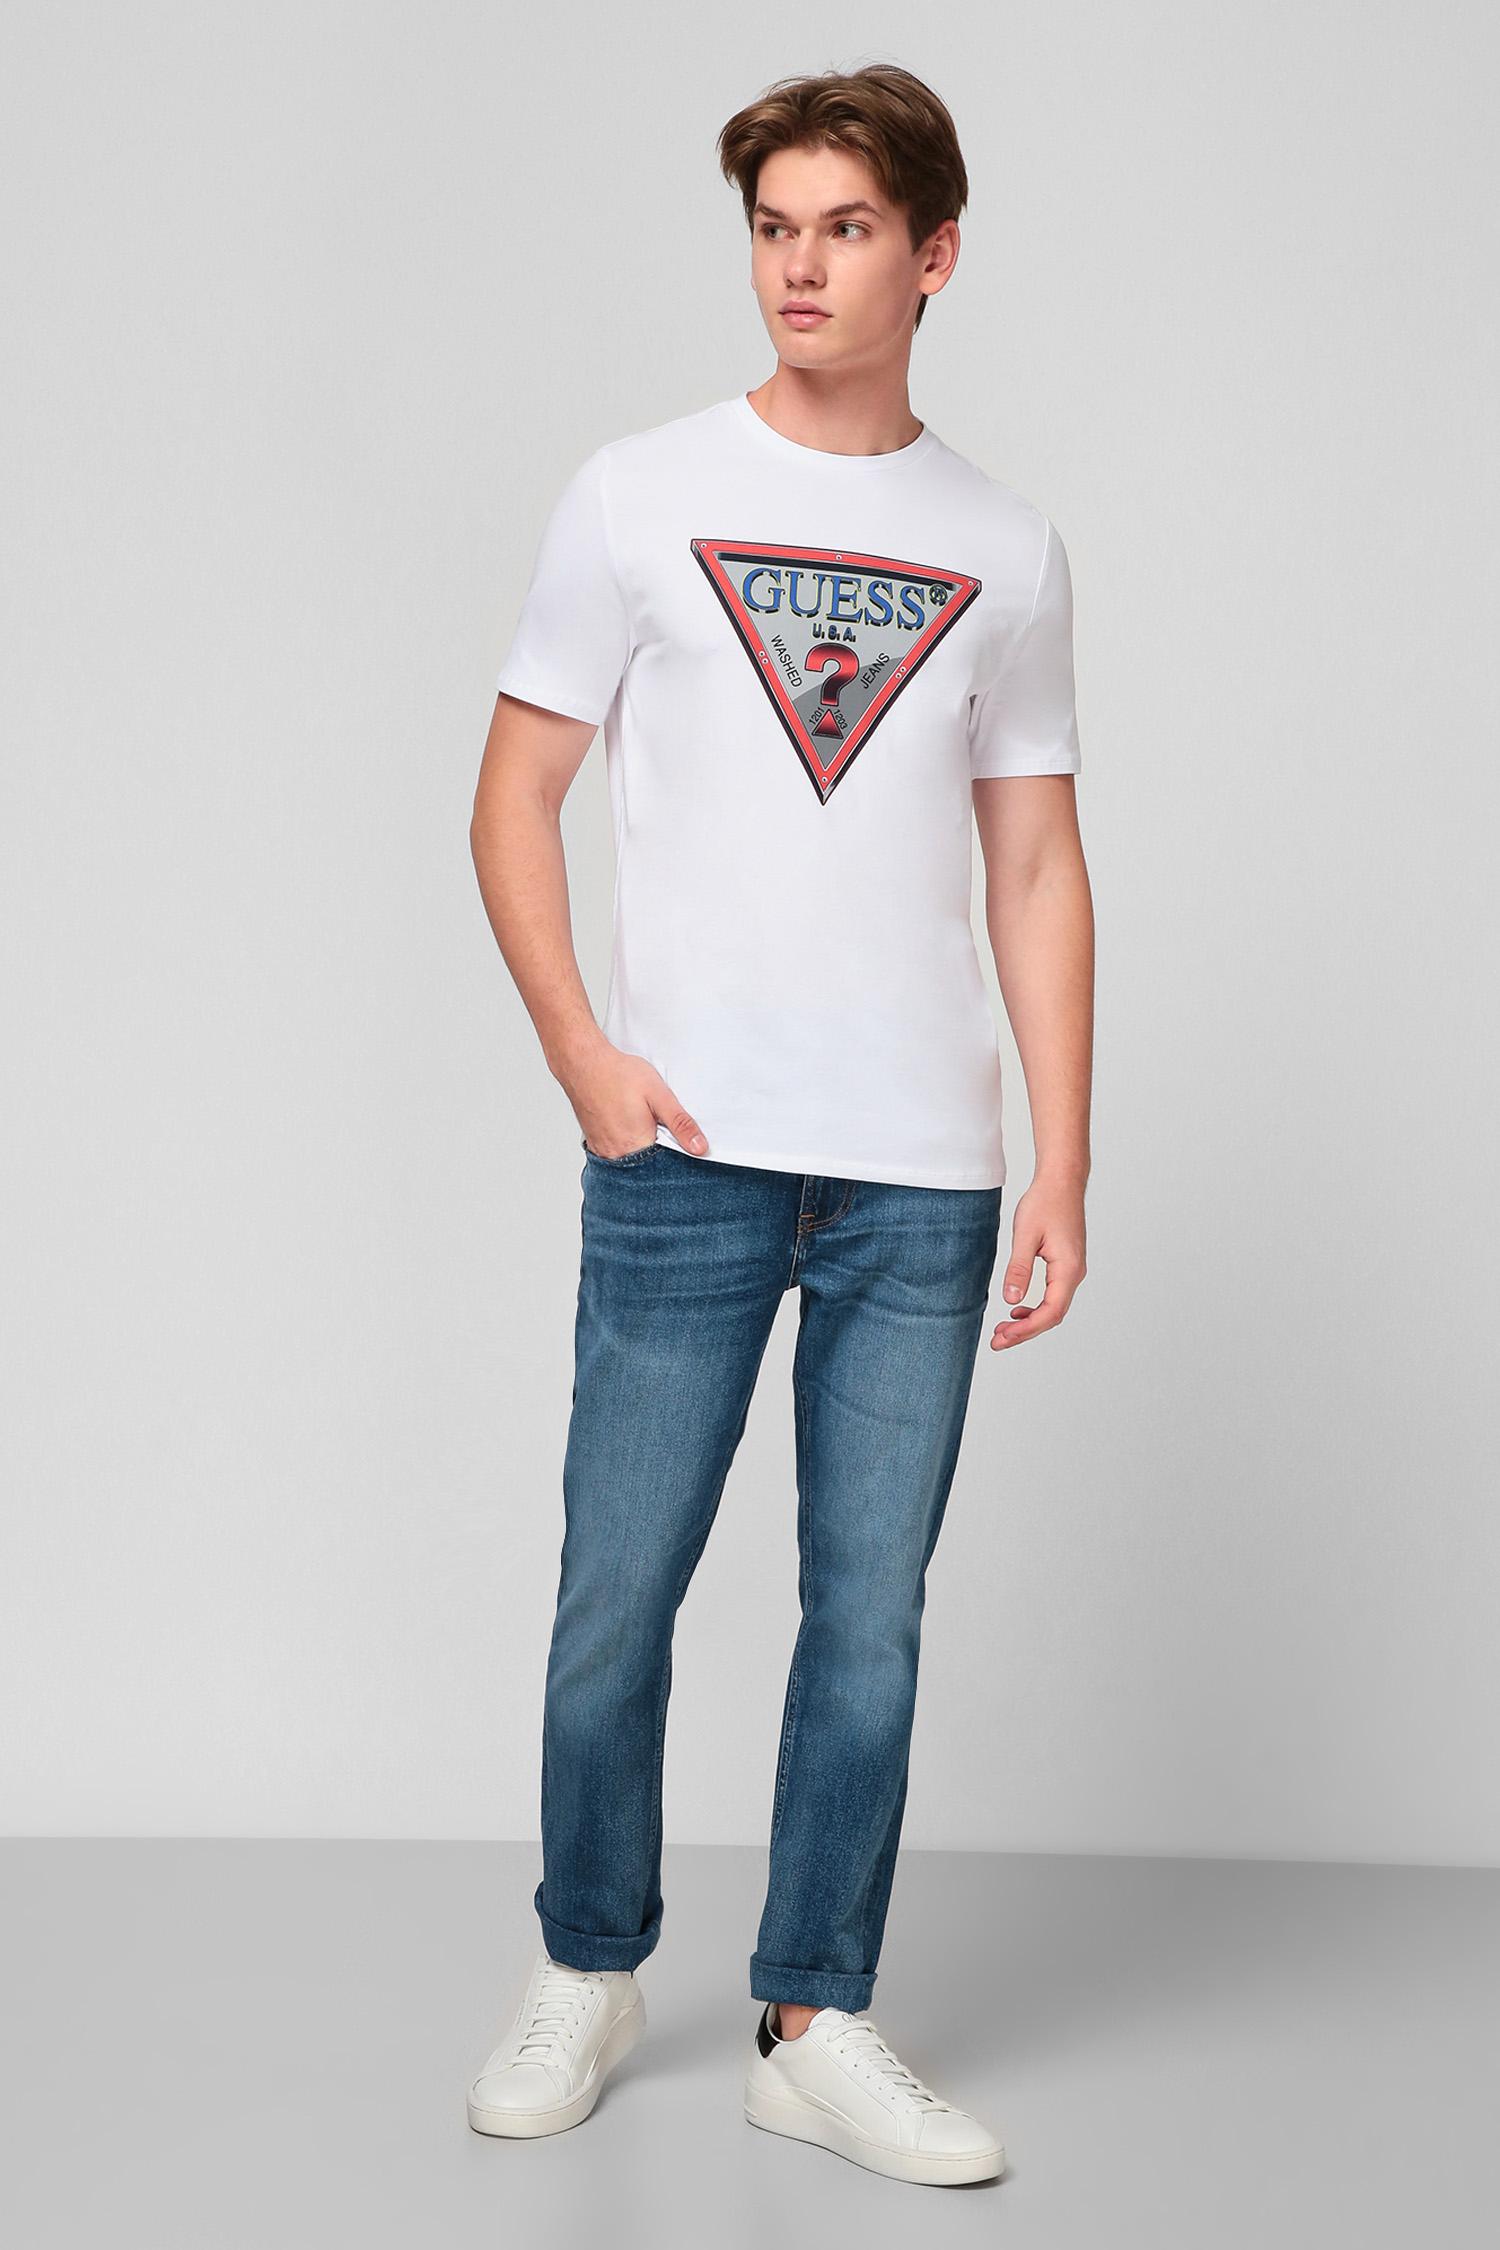 Белая футболка с принтом для парней Guess M0BI58.J1300;TWHT